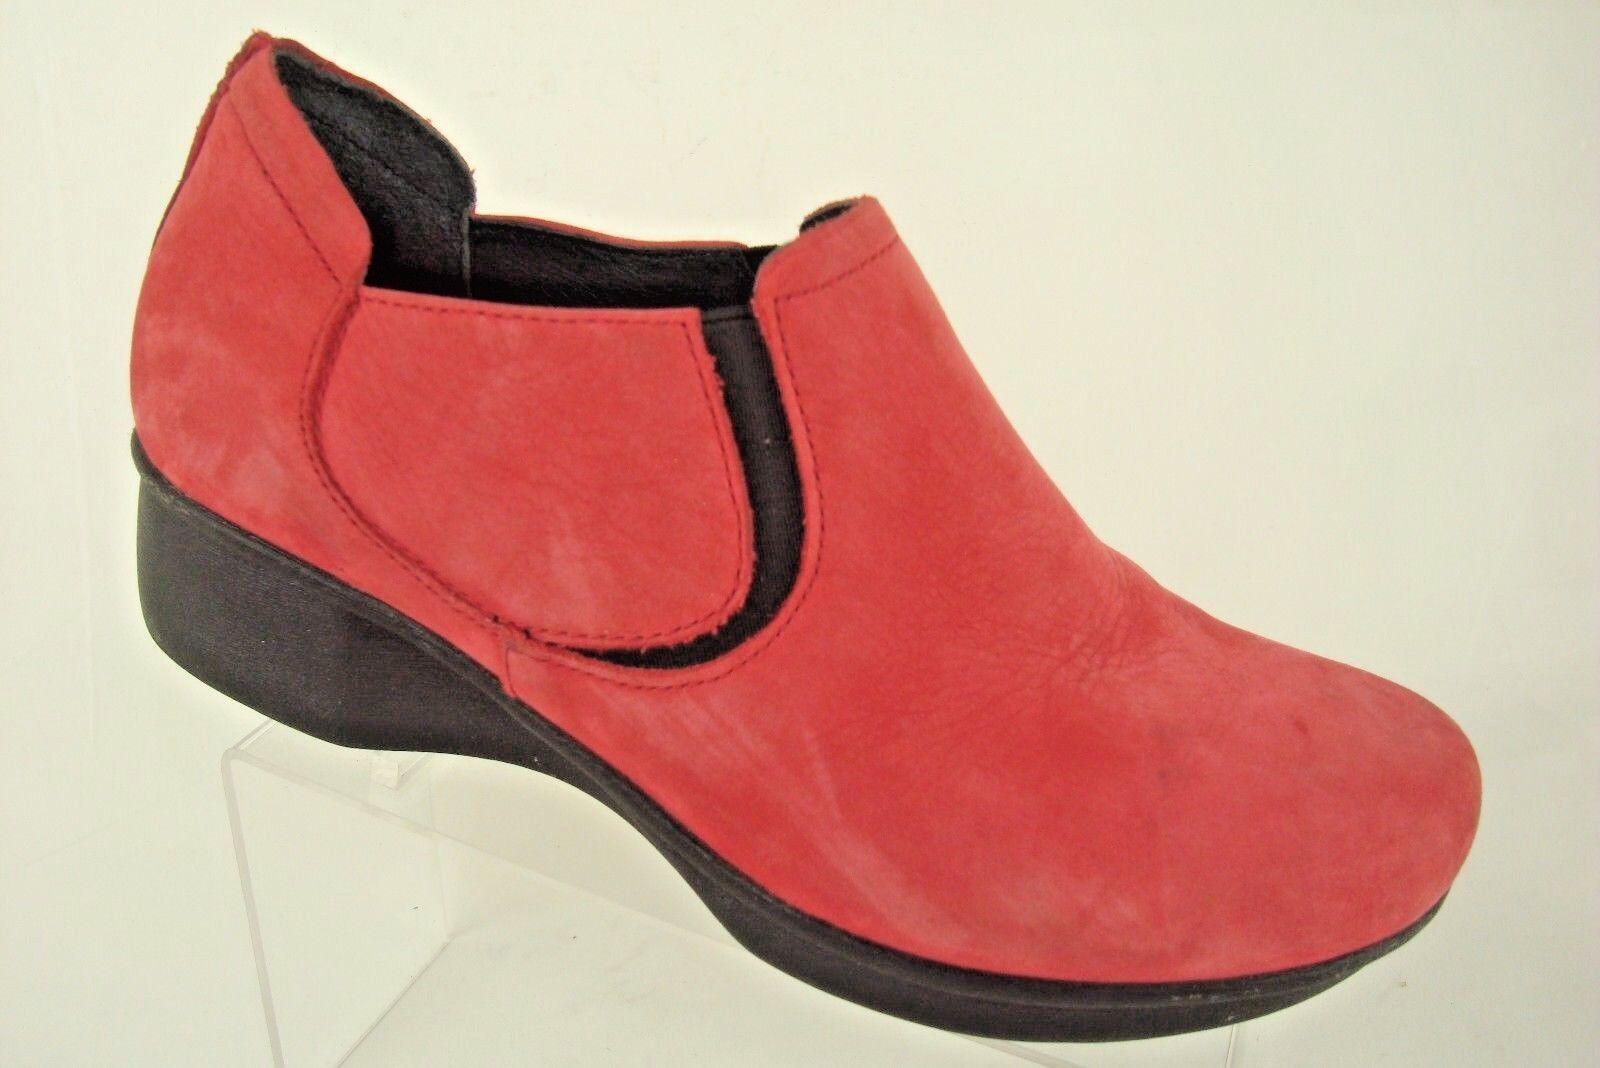 DANSKO Lynn Rosso Pink Nubuck Leather Slip On Loafer Walking Clog Shoes 36 5.5 6